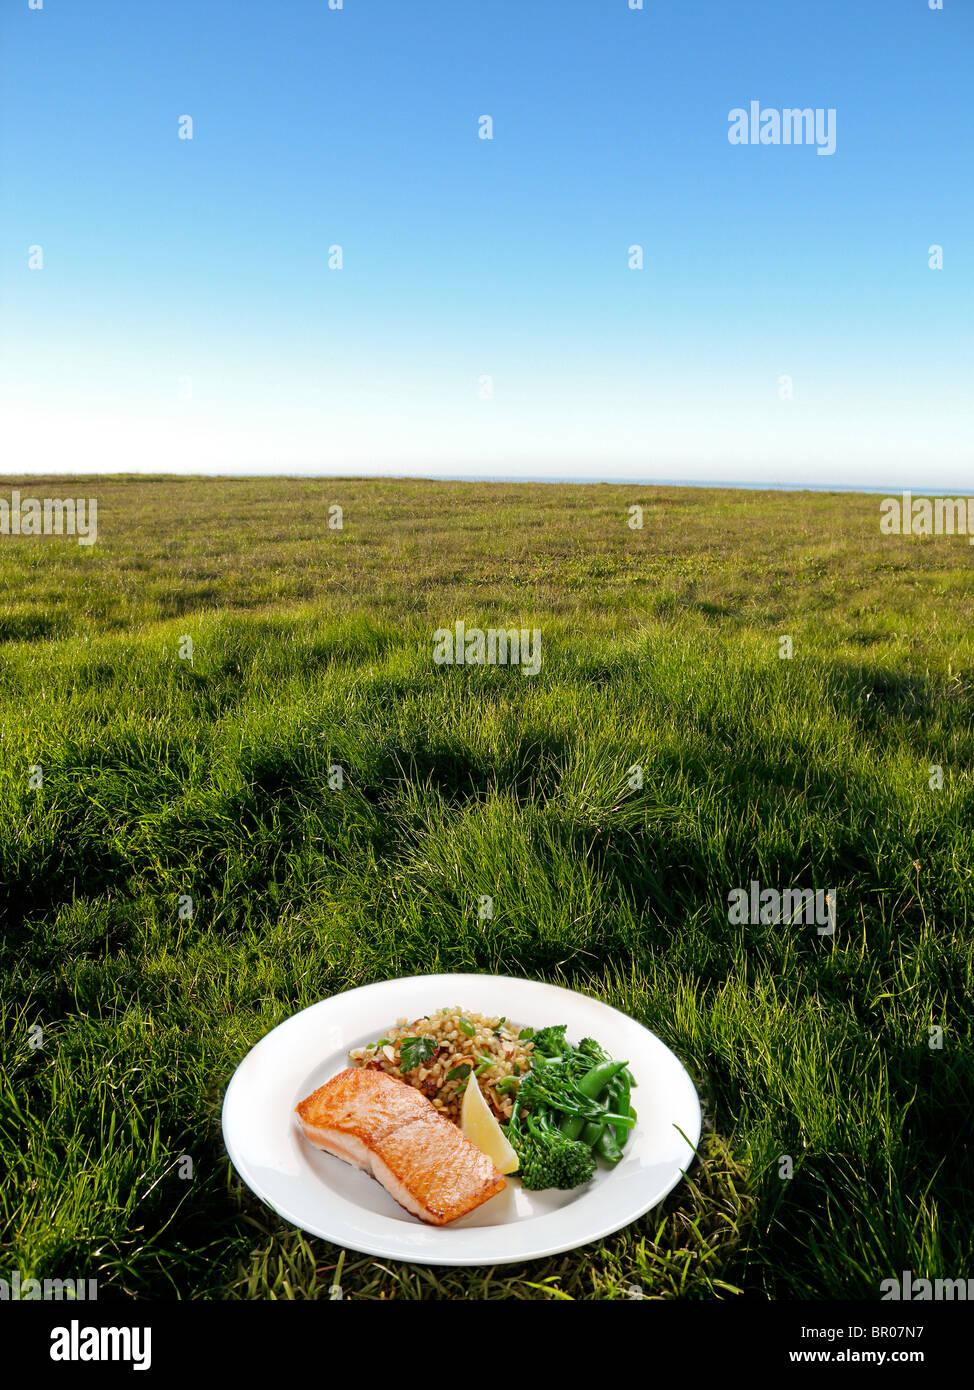 fresh plate of dinner on grass outside - Stock Image